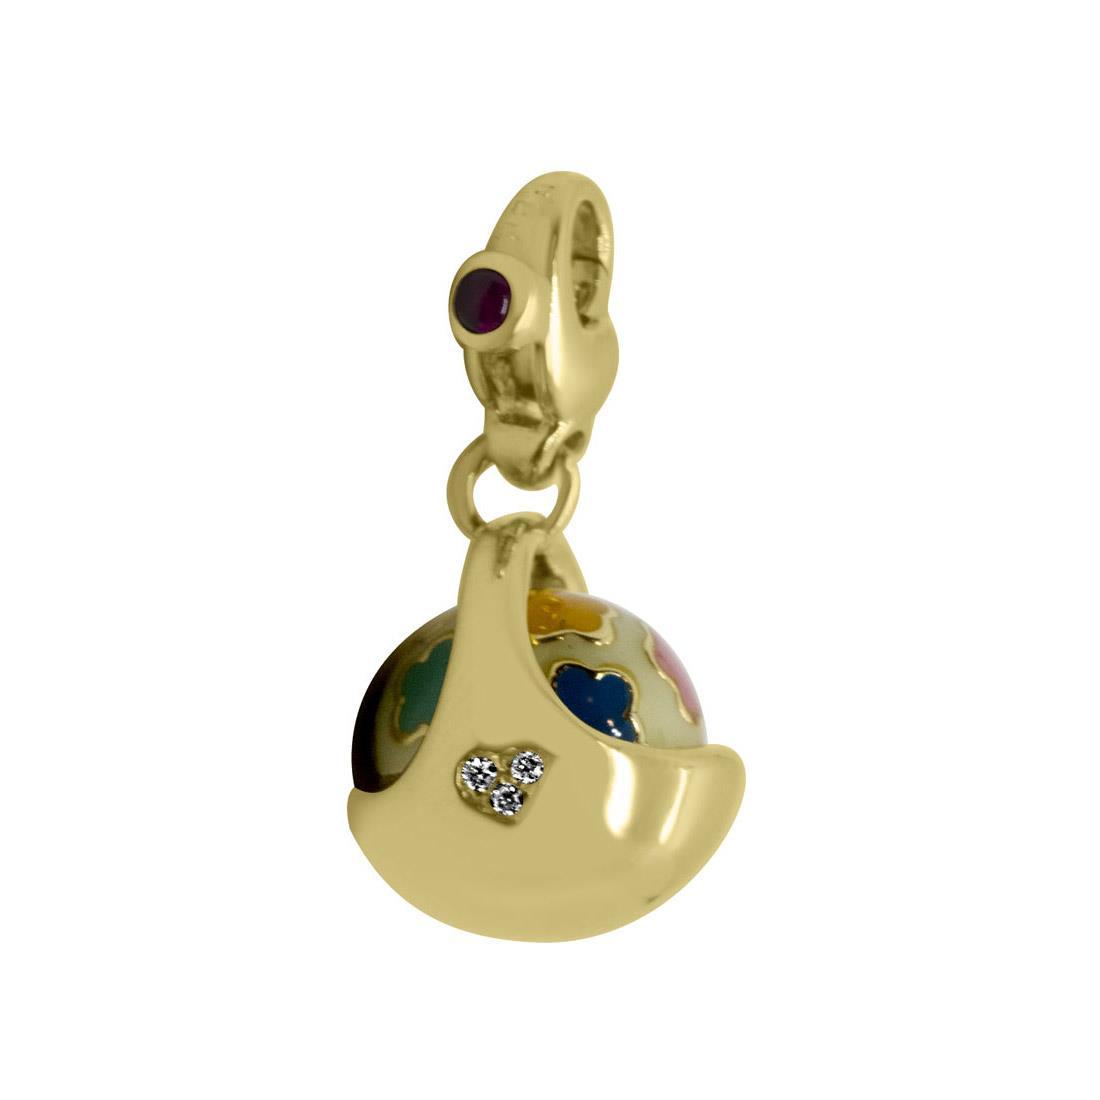 Ciondolo cestino in oro giallo con diamanti e rubini - PASQUALE BRUNI